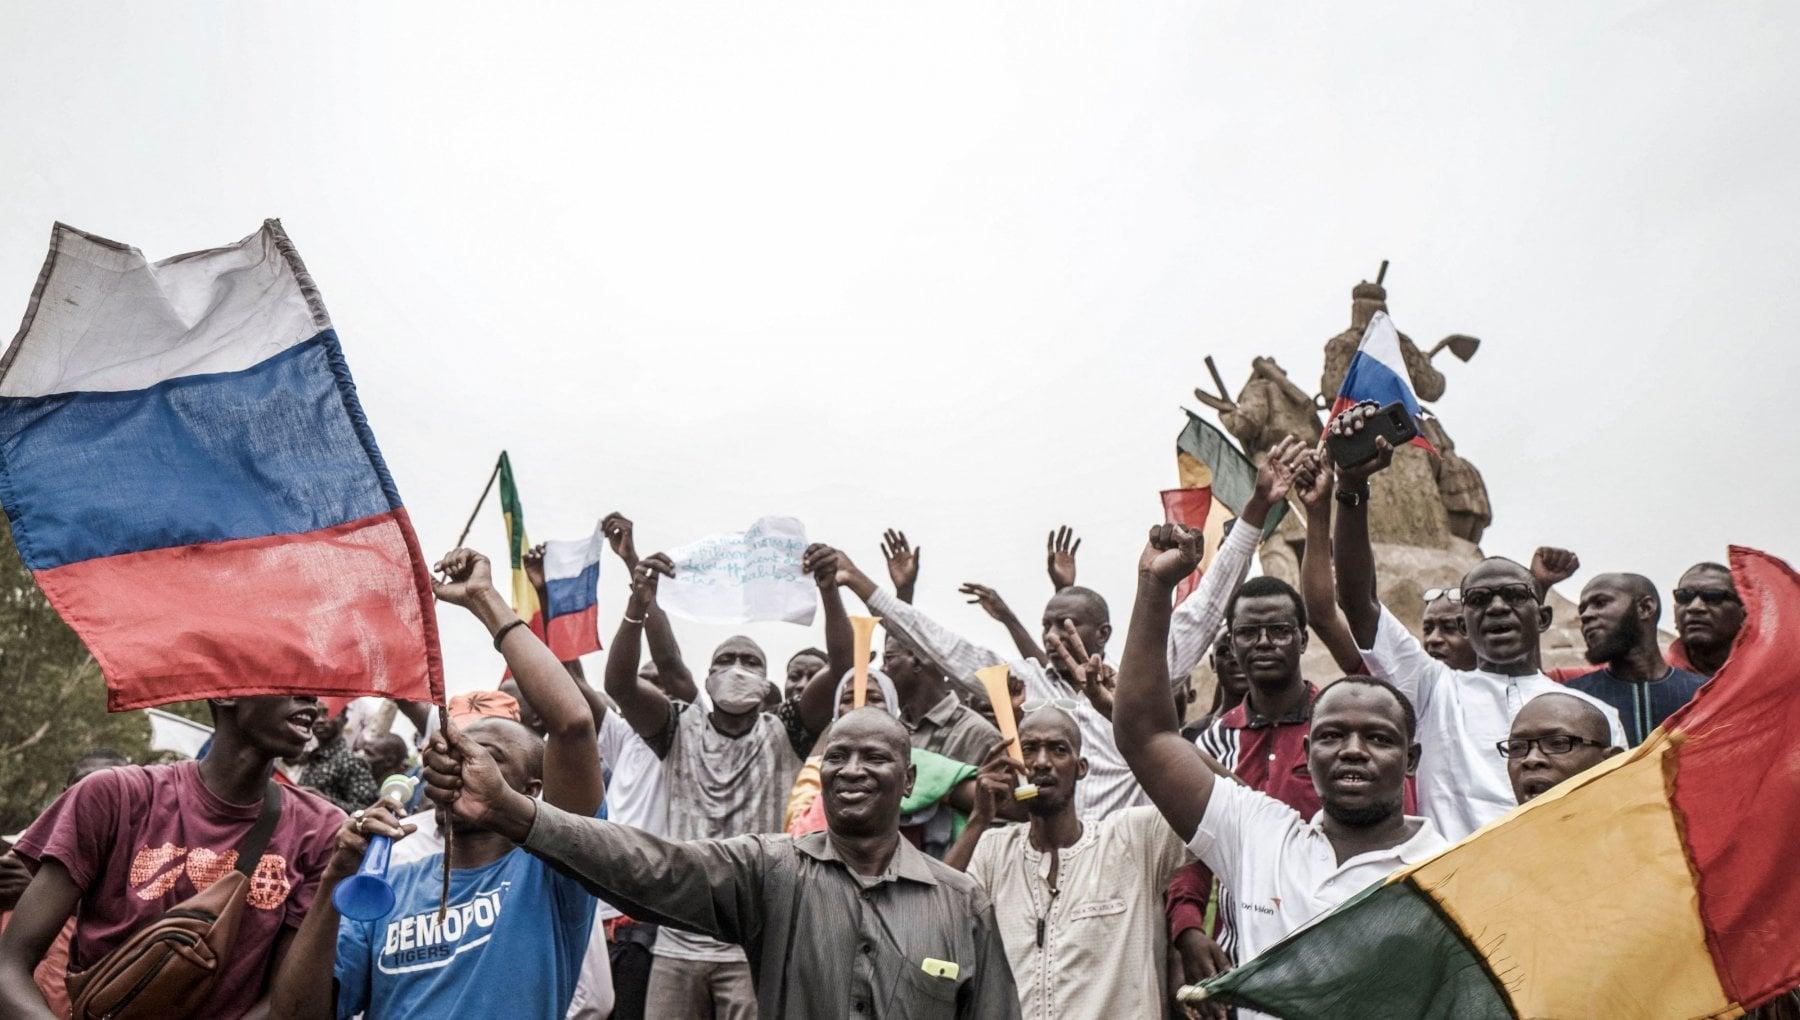 """213907105 408d3b14 4768 4830 a3e6 fb7b23466b1e - La mano del Cremlino sul Sahel. """"Punta al potere nella regione"""""""